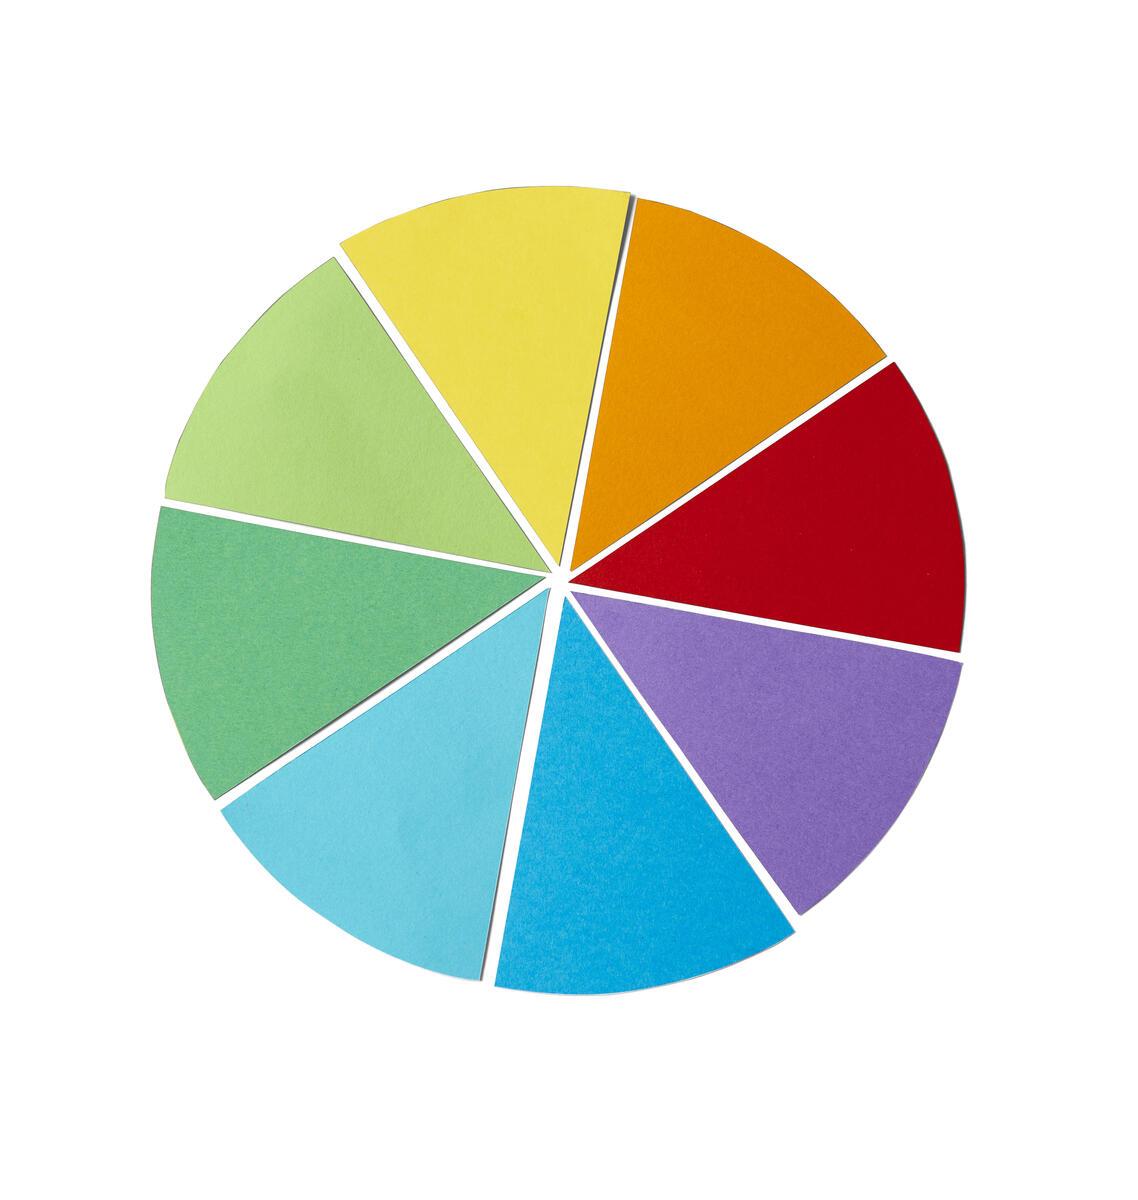 färglära komplementfärger